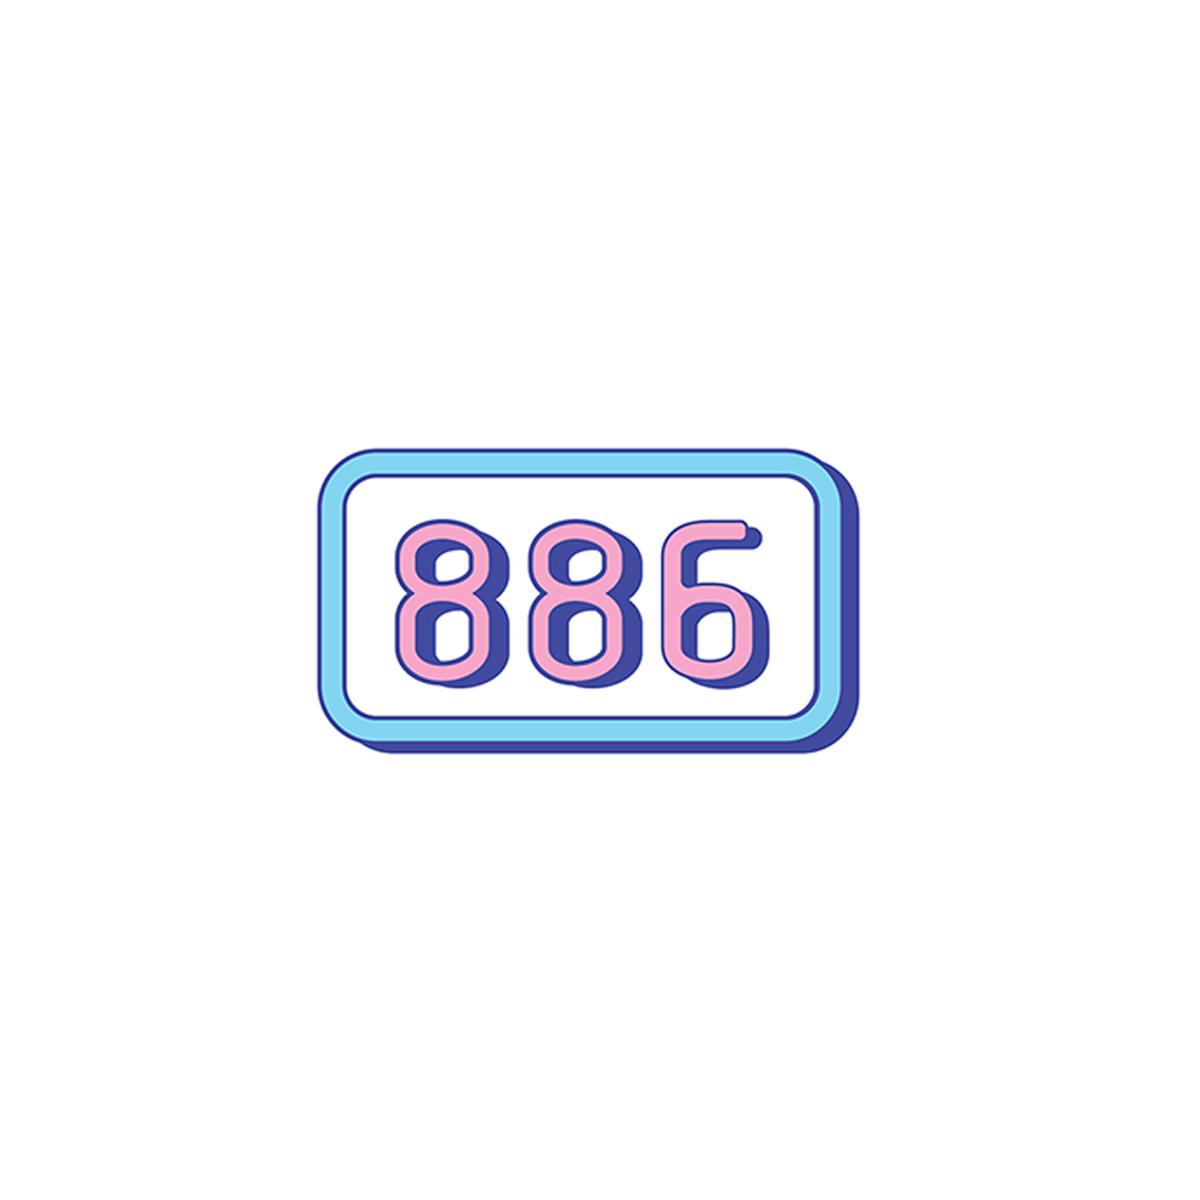 886.jpg